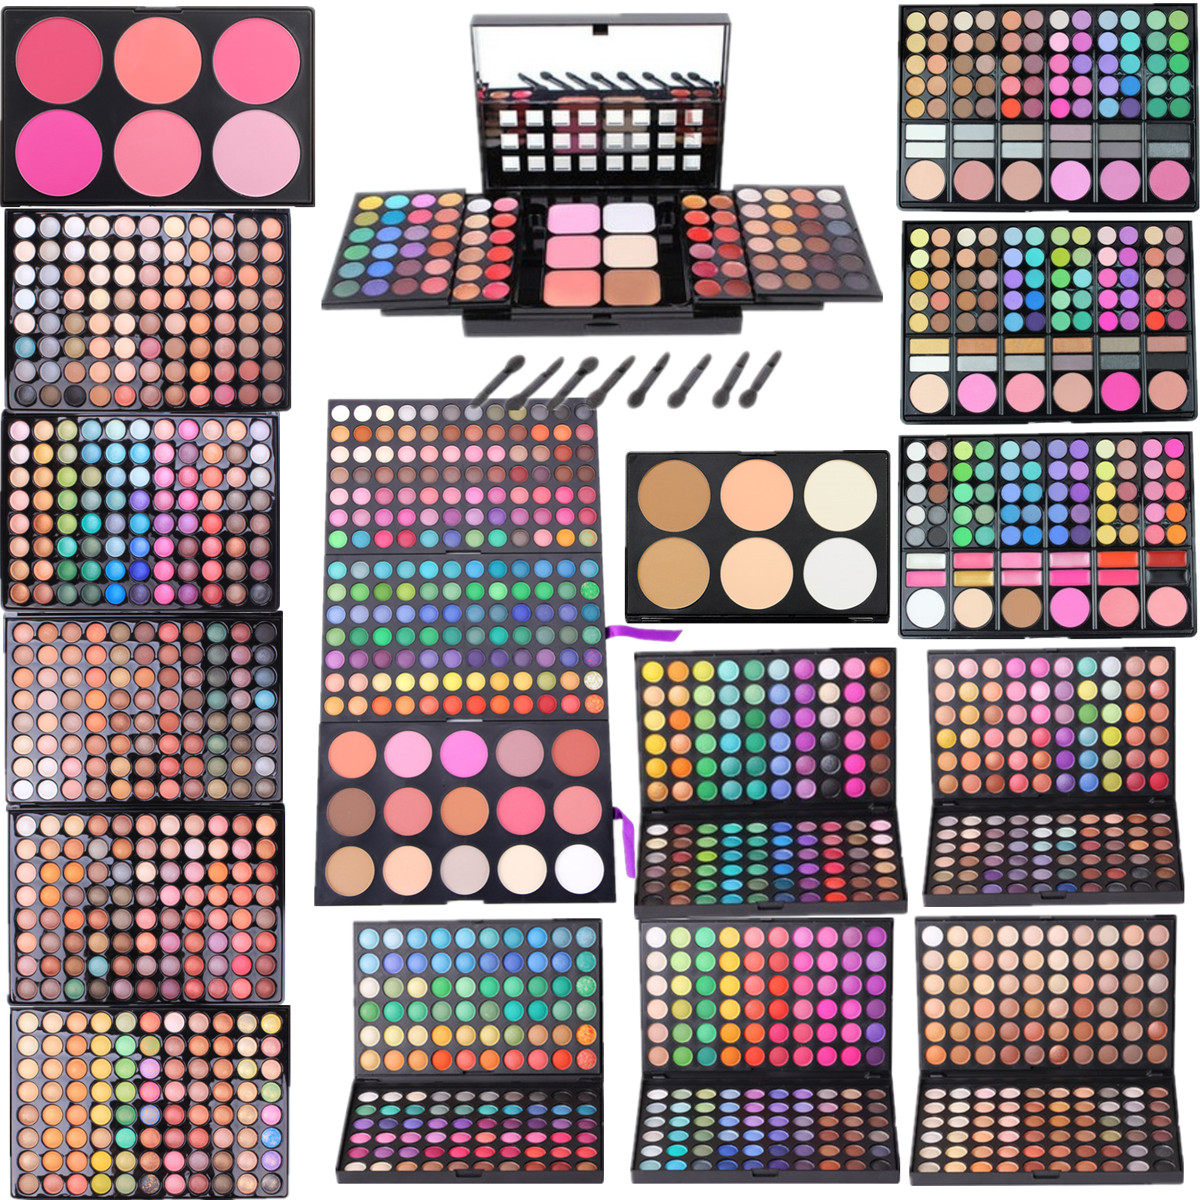 Multicolor 78 Màu 120 183 88 Màu Eyeshadow Palette Sáu Màu Công Suất Sửa Chữa Blush Đĩa Ánh Sáng Ngọc Trai Matte Trang Điểm Palette